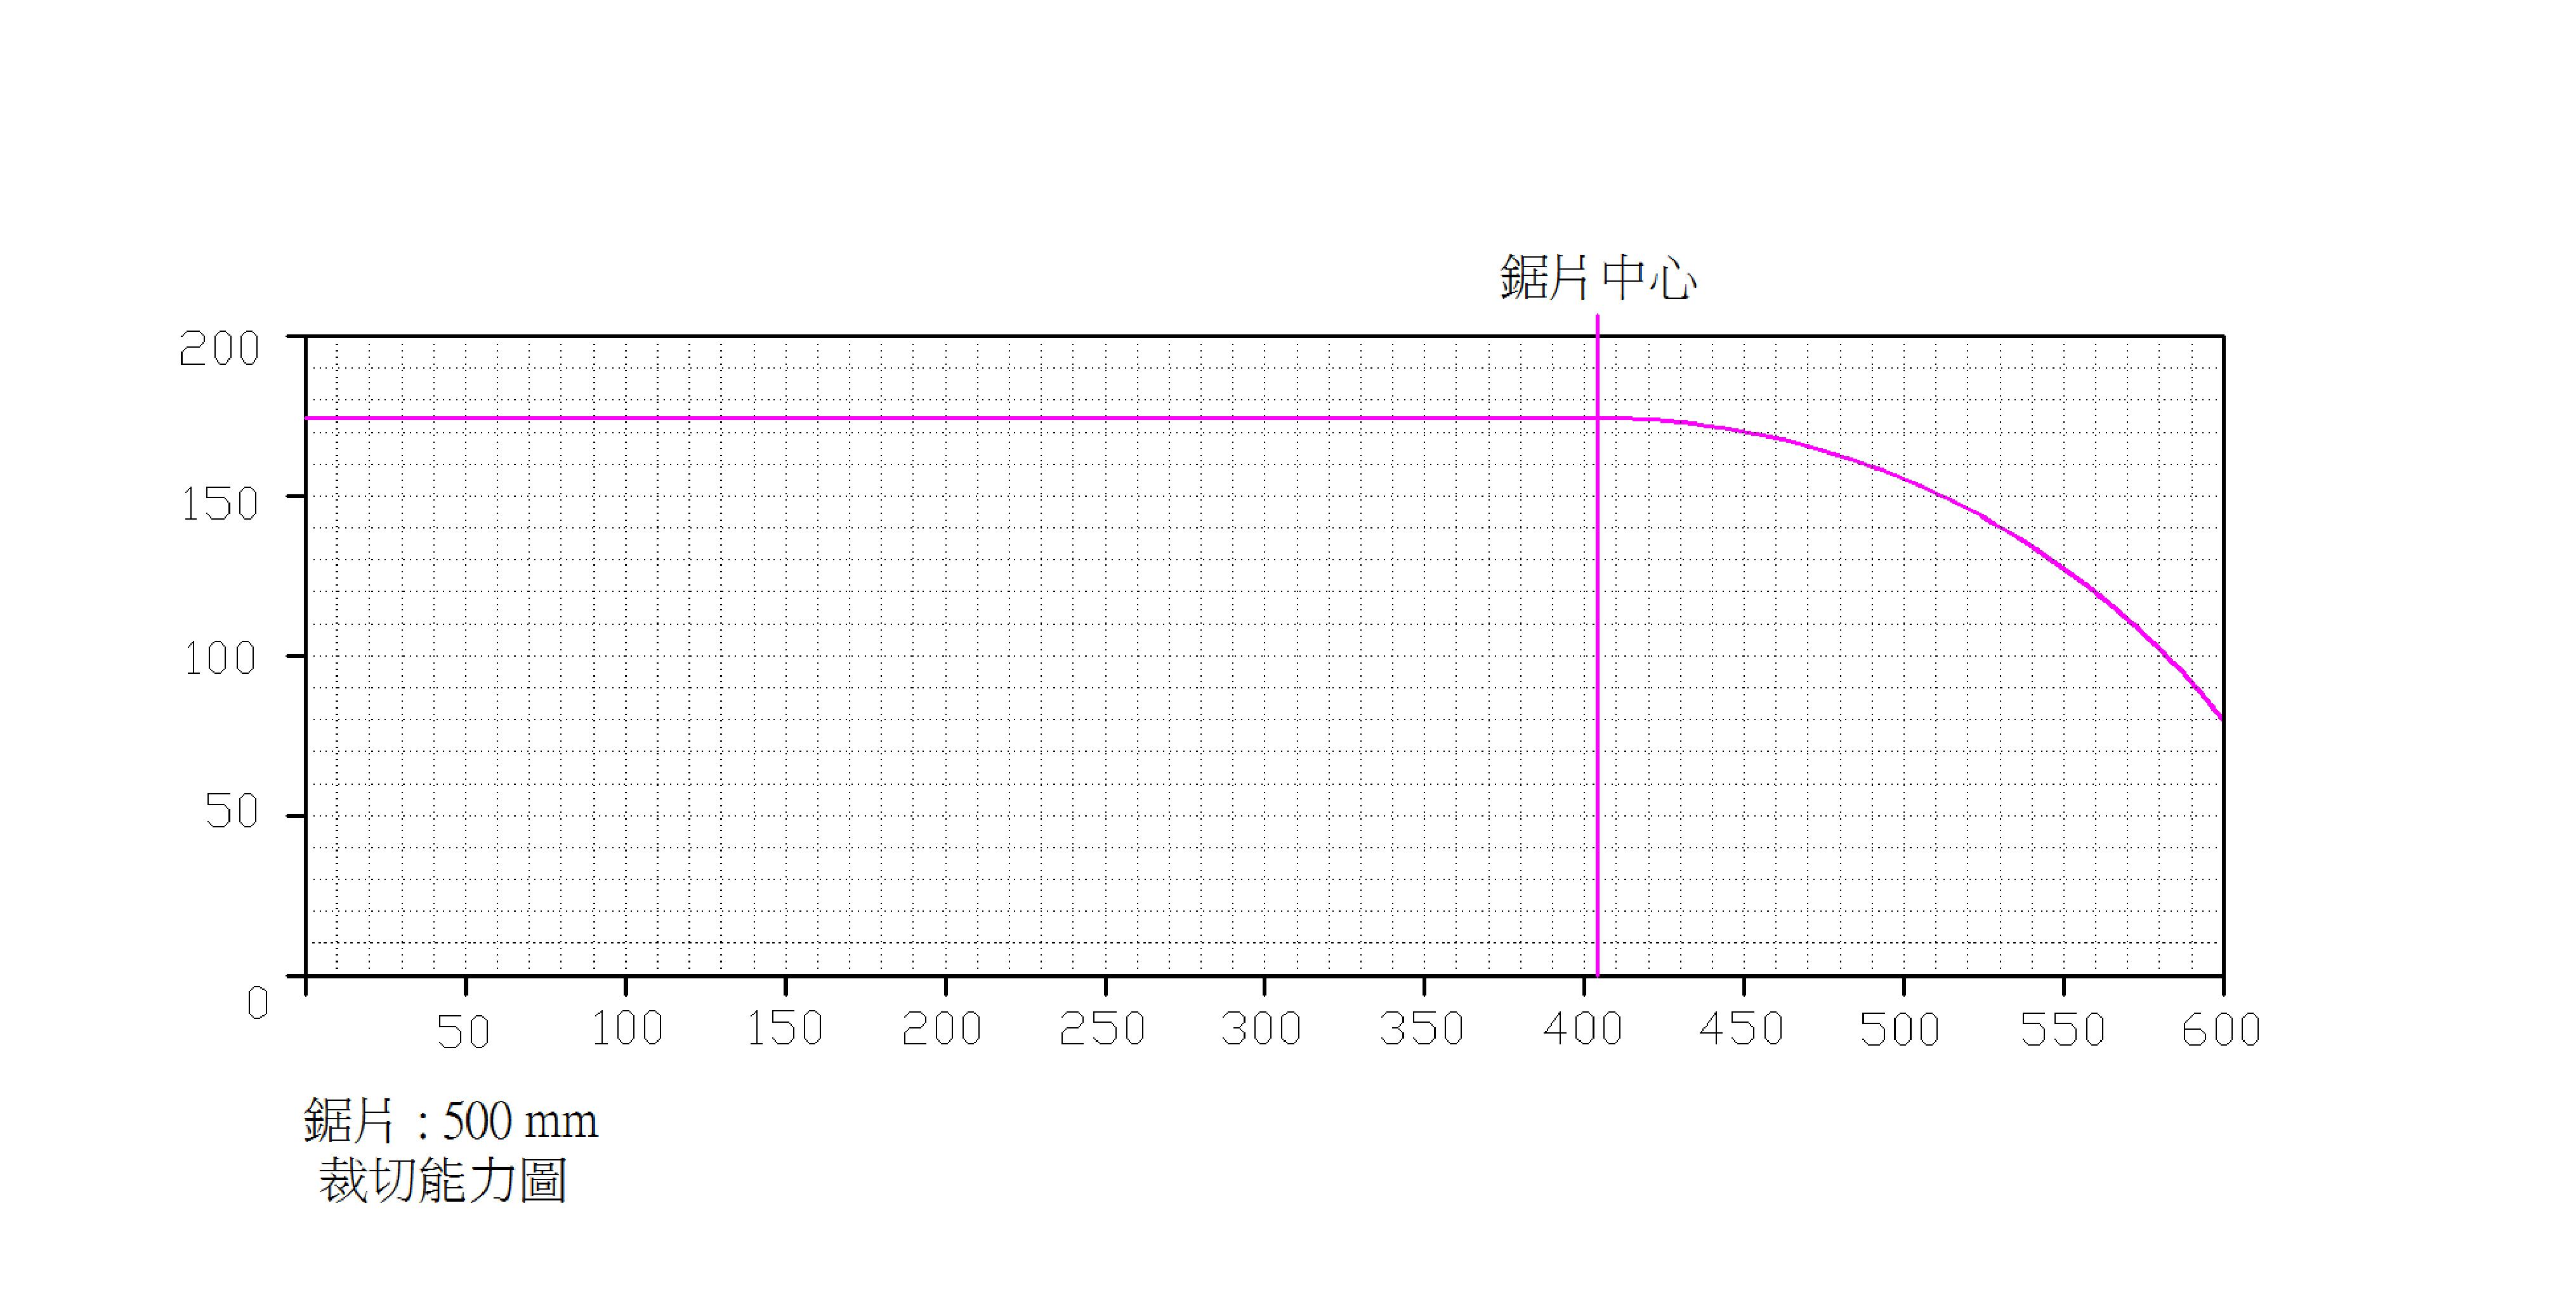 AC20-600-裁切能力图-500mm